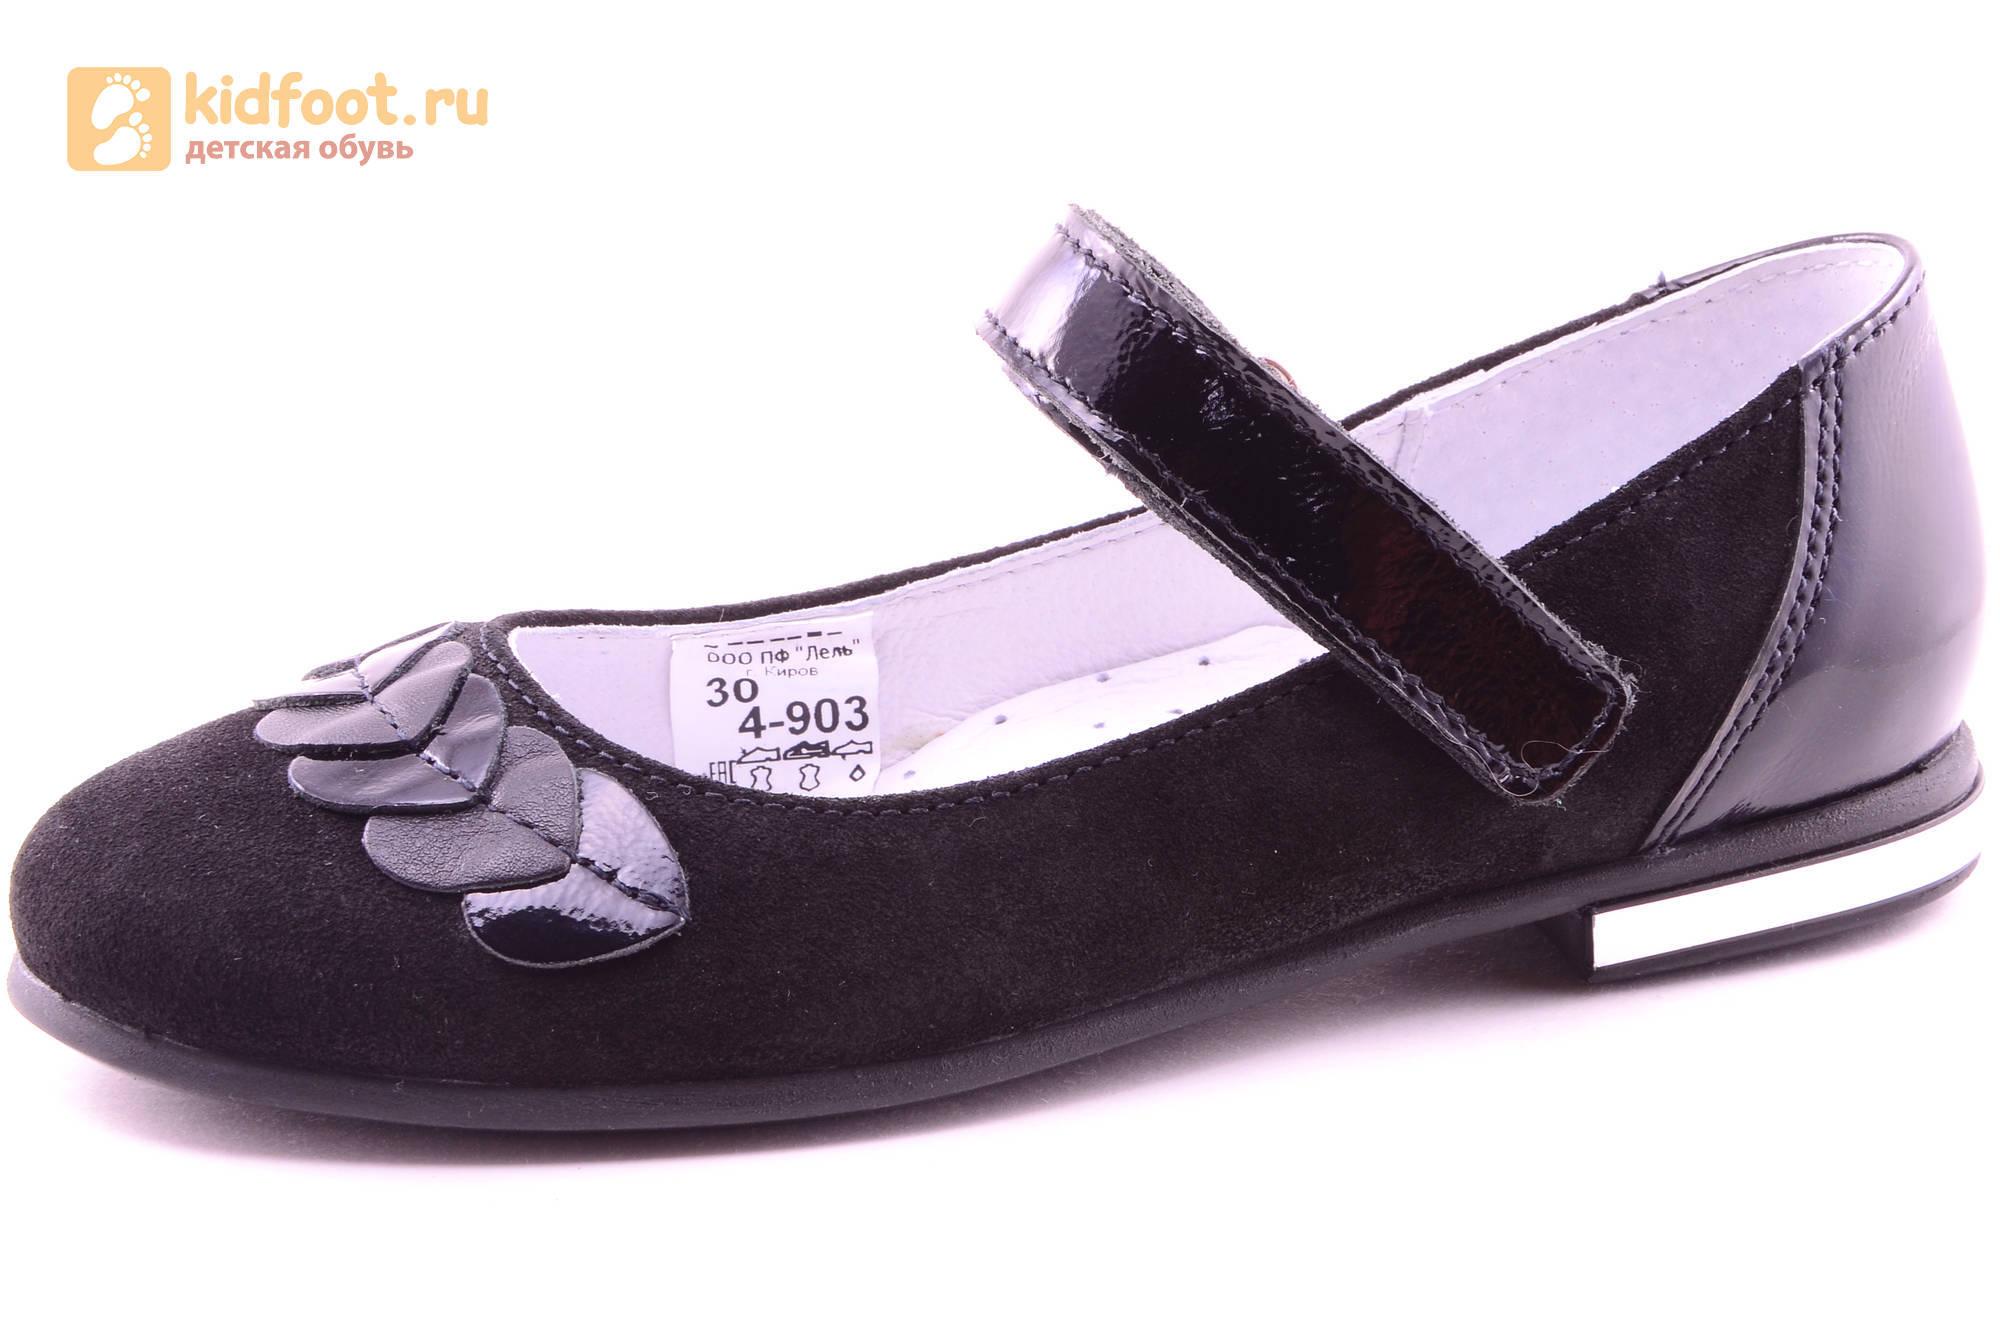 Туфли для девочек из натуральной кожи и велюра на липучке Лель (LEL), цвет черный